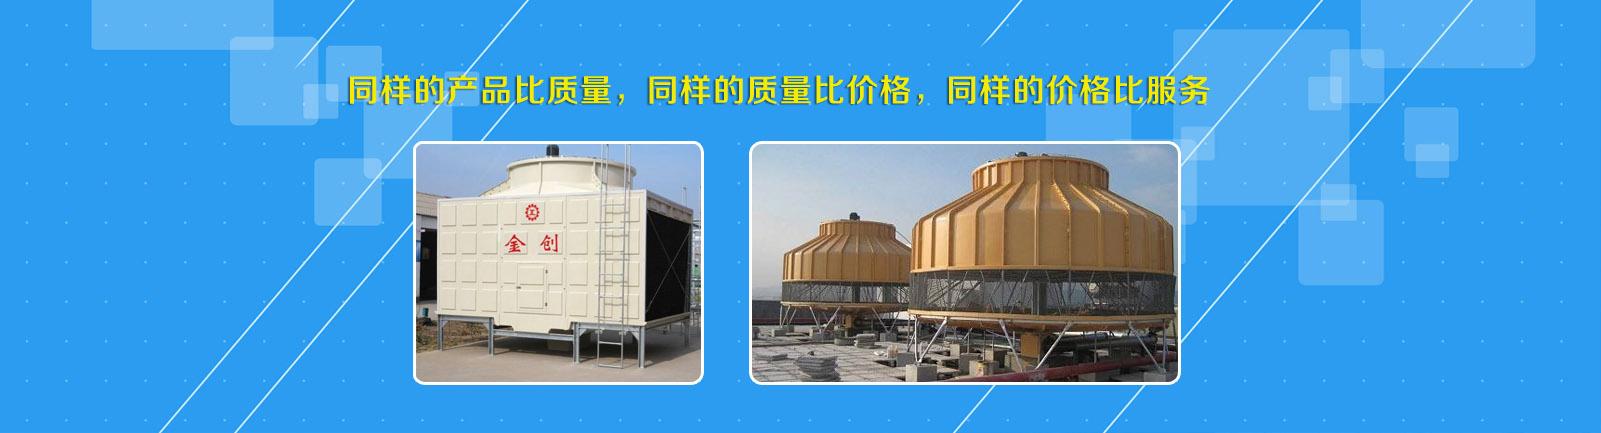 河南金创制冷设备有限公司